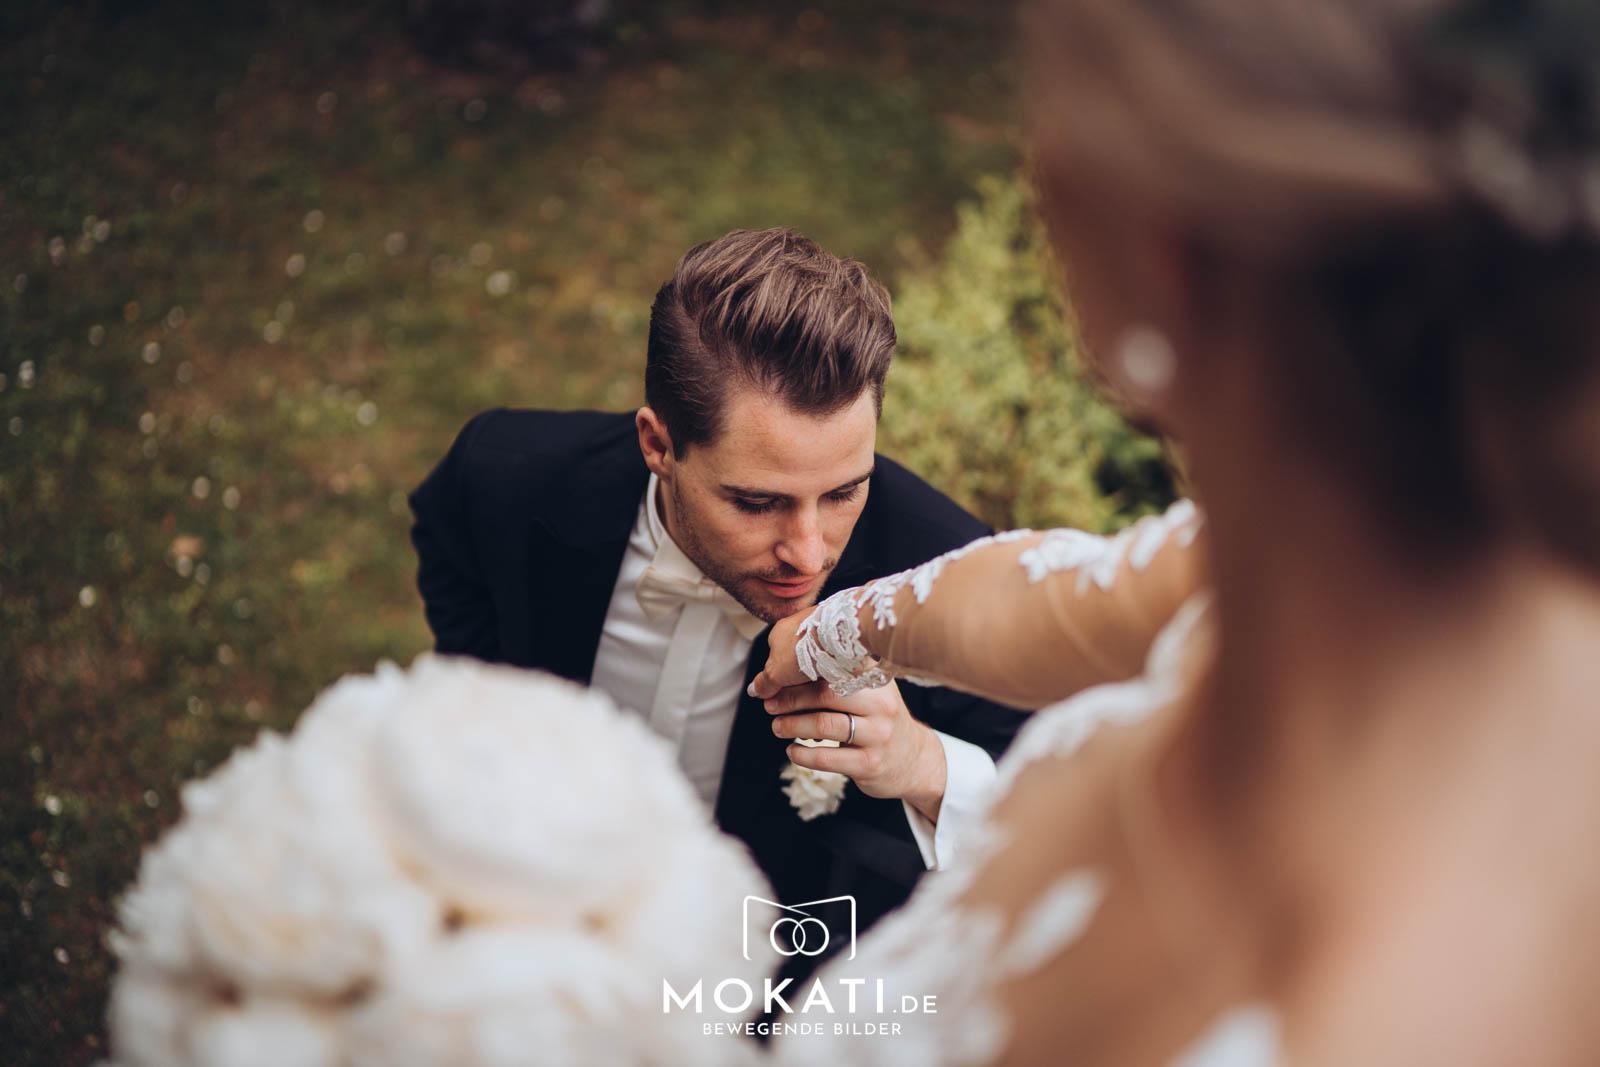 Bräutigam küsst Braut die Hand - verliebt - Hochzeitsfoto von Claudia und Andy MOKATI